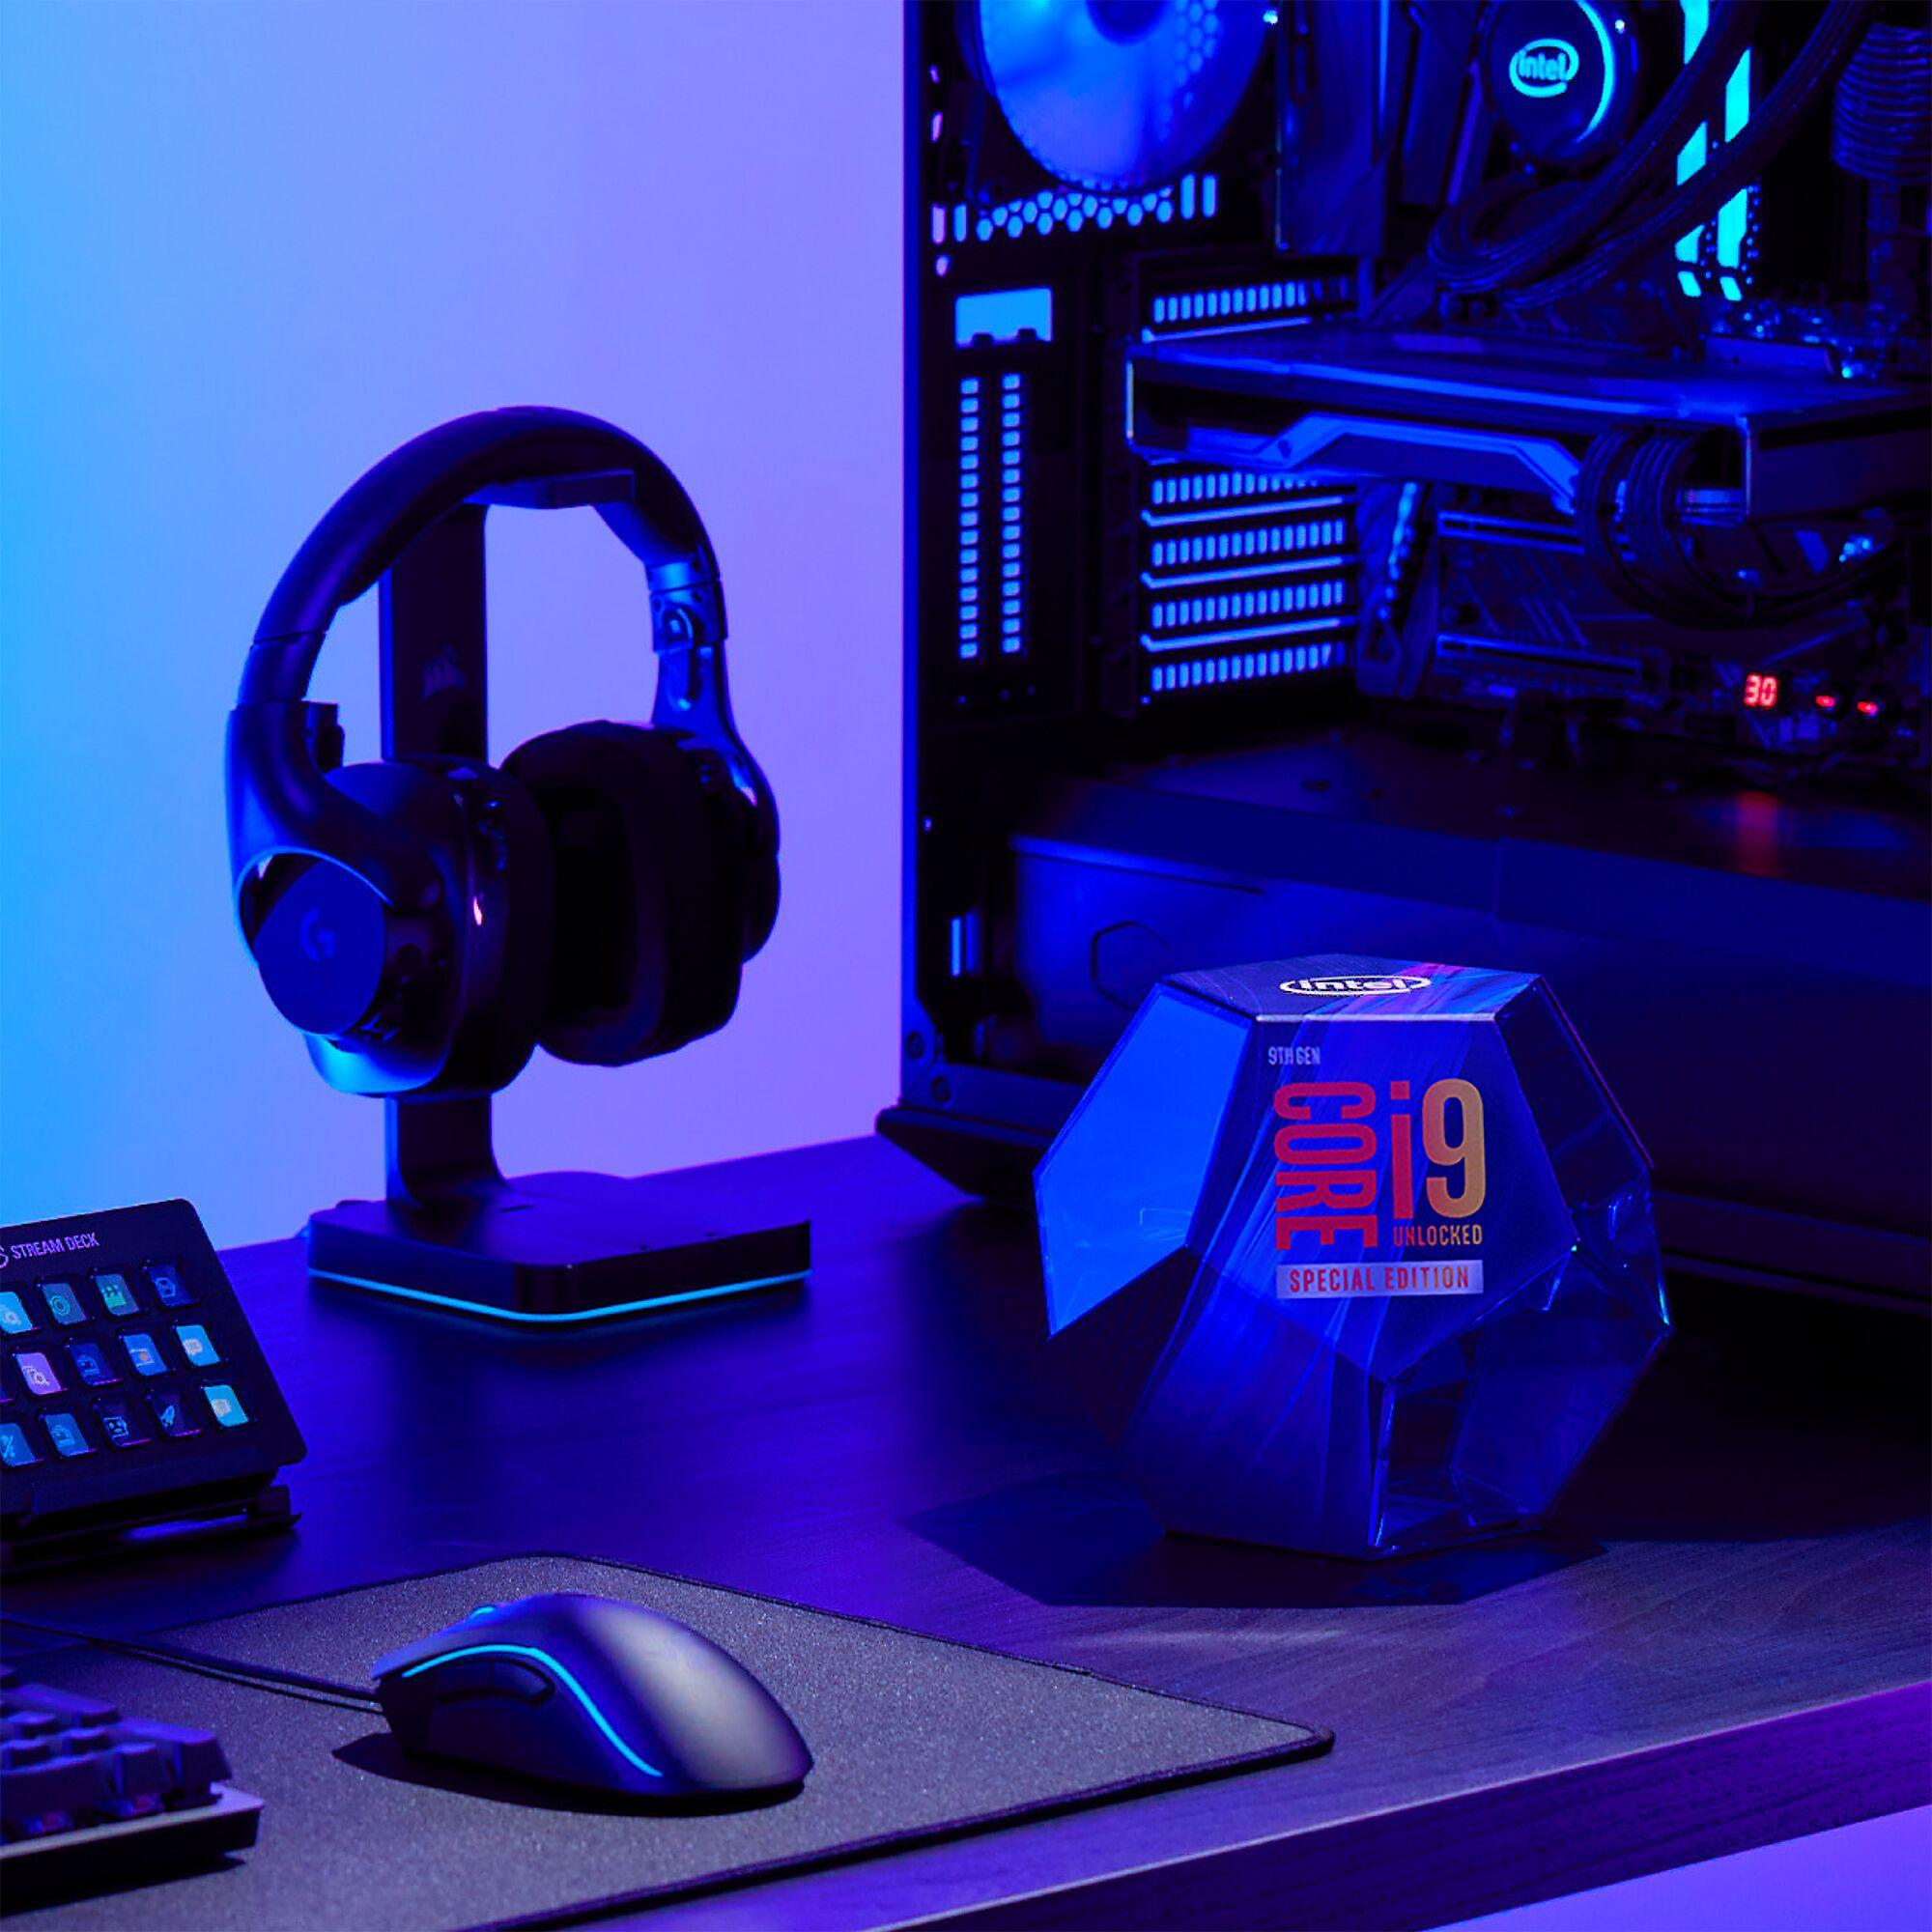 Potwór: Intel Core i9 z odblokowanym mnożnikiem i 5,0 GHz w trybie turbo 19